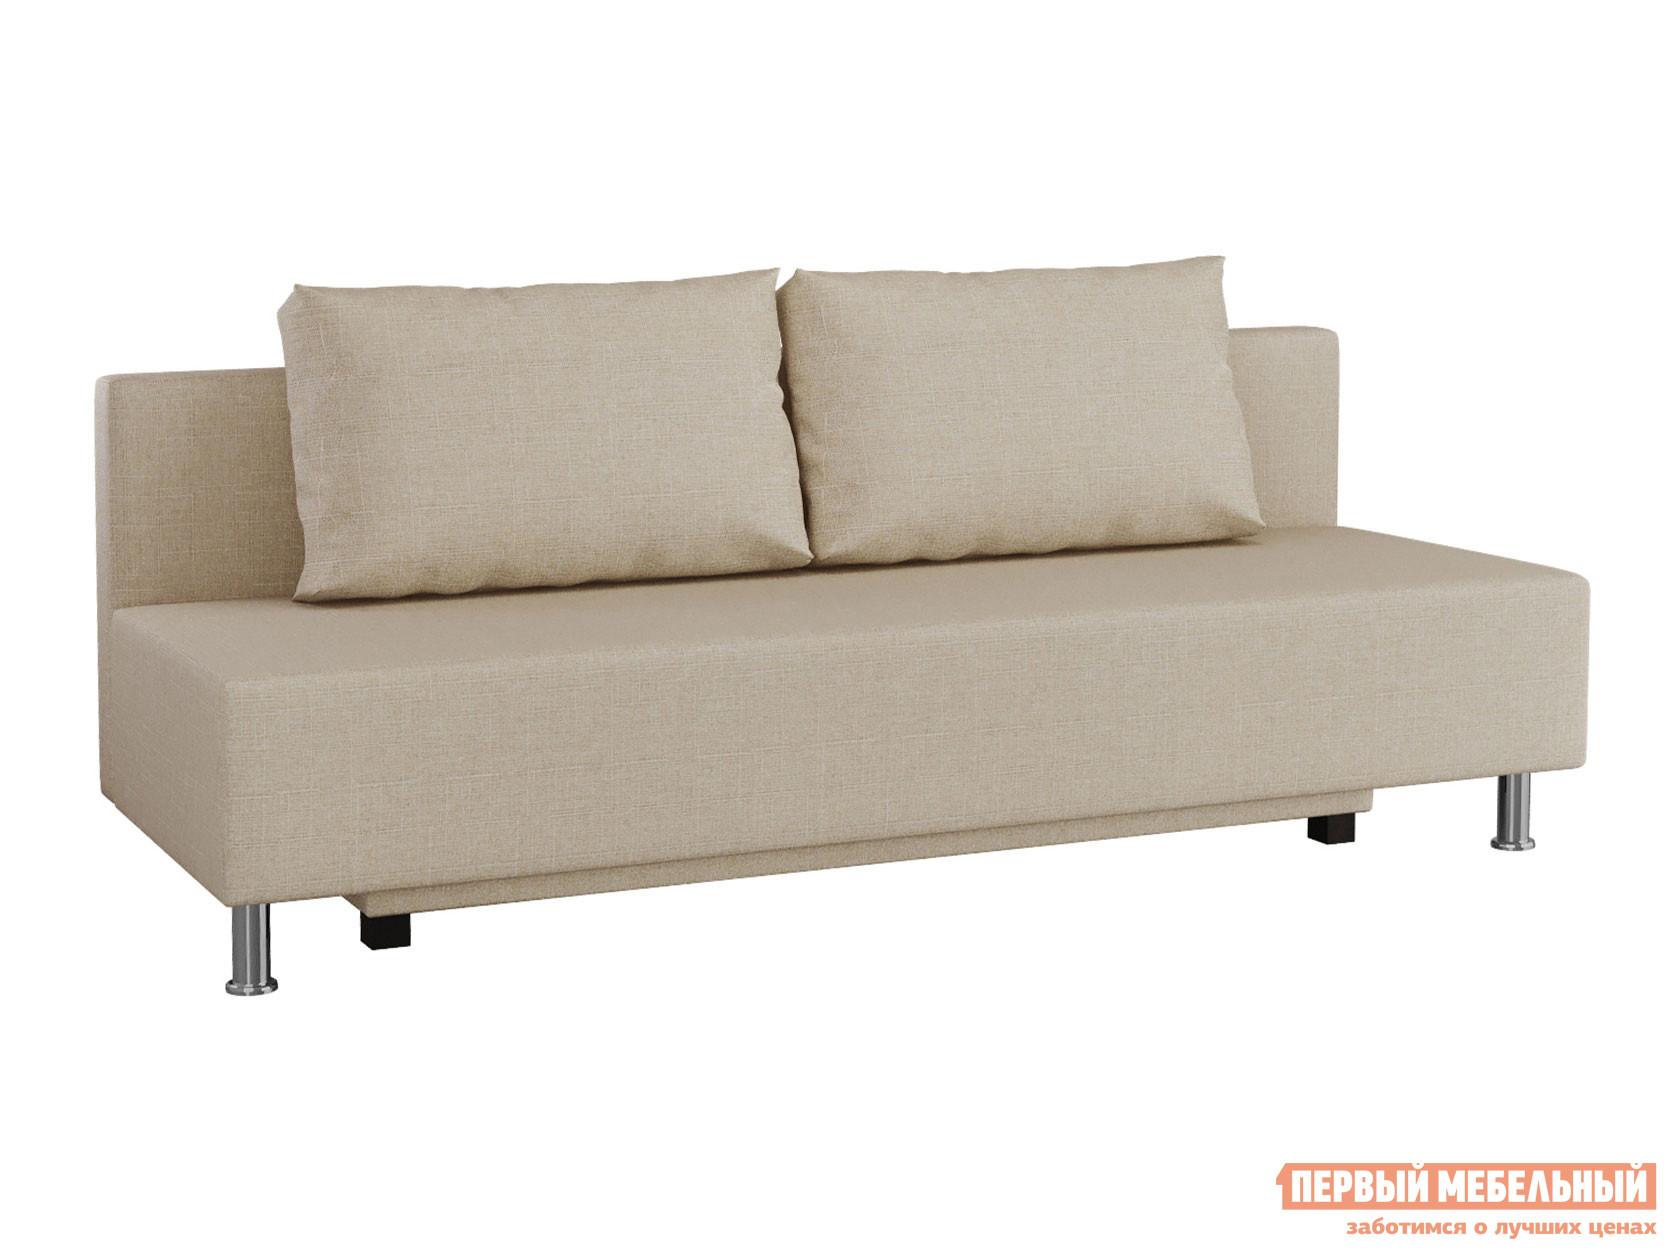 Прямой диван  Пари Бежевый, рогожка Мягкая Линия 130891